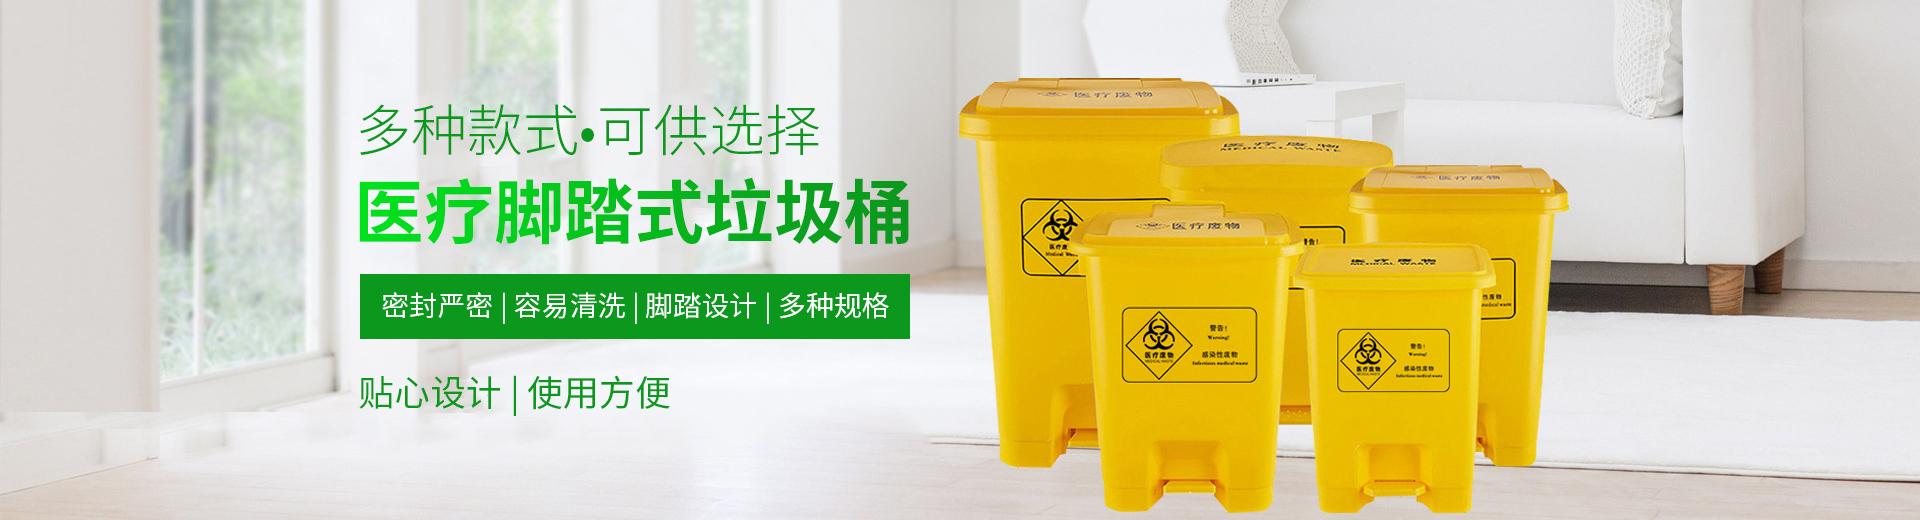 武汉医疗垃圾桶批发